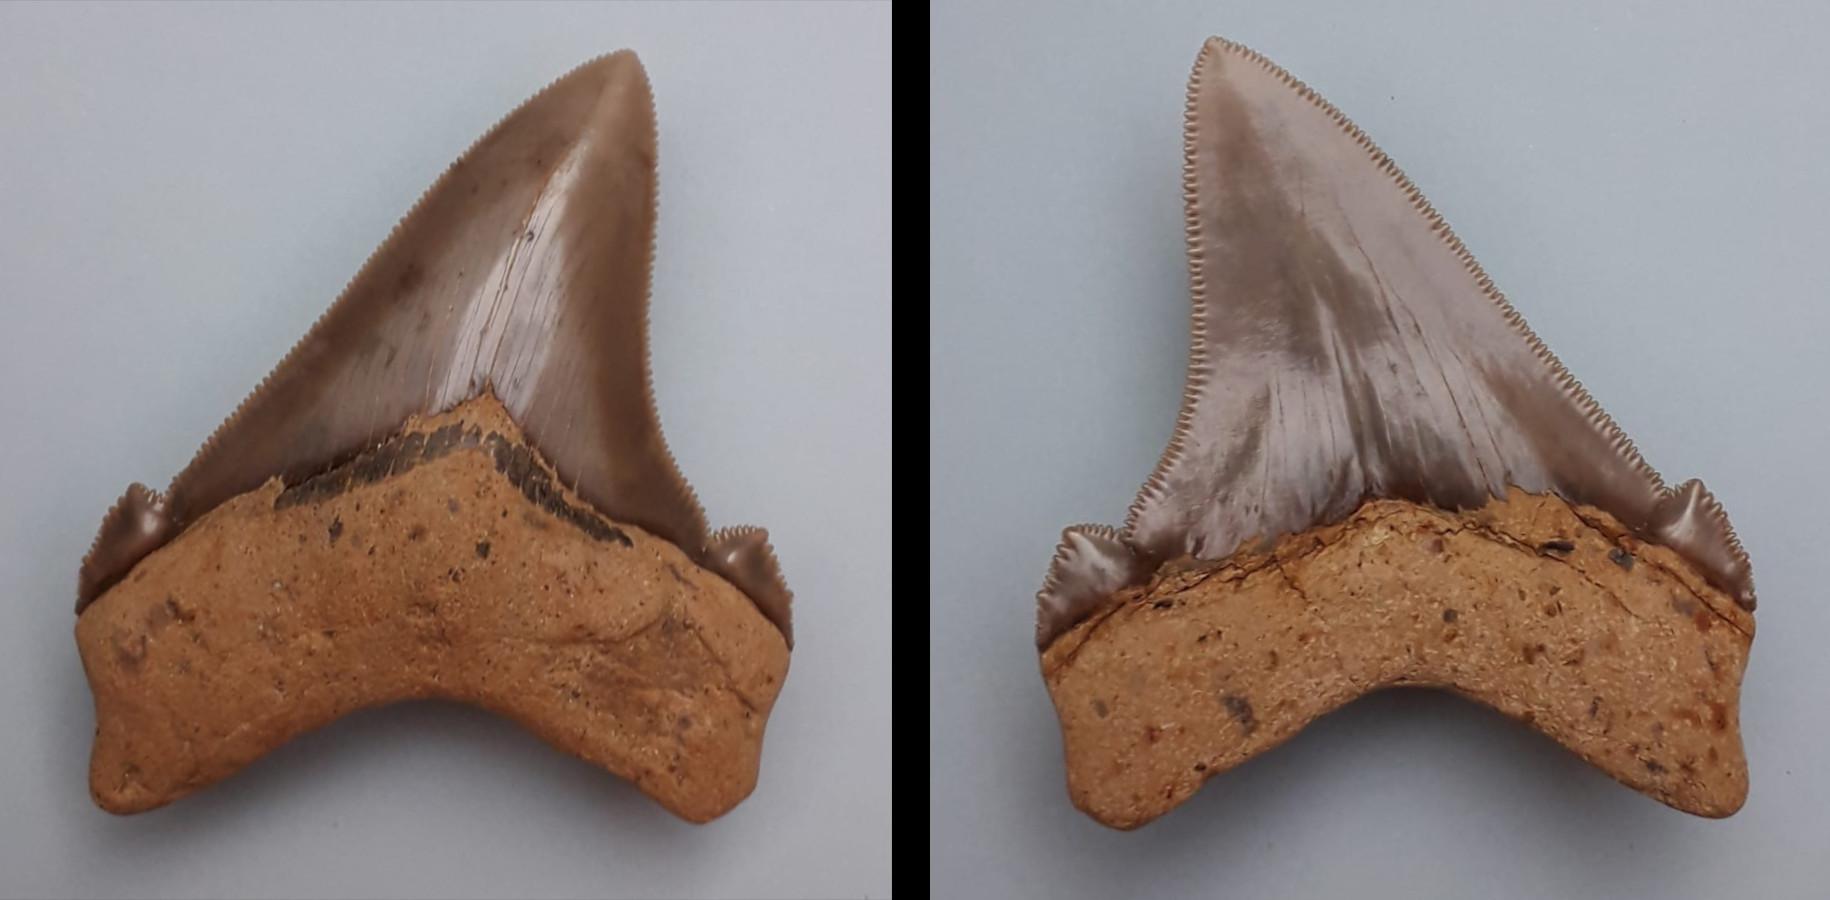 Otodus (Megaselachus) chubutensis, Rengetsweiler, Breite: 66,2 mm, Höhe: 71,3 mm, Lateralzahn, links lingual, rechts labial, Sammlung Unger (CU-R-2)